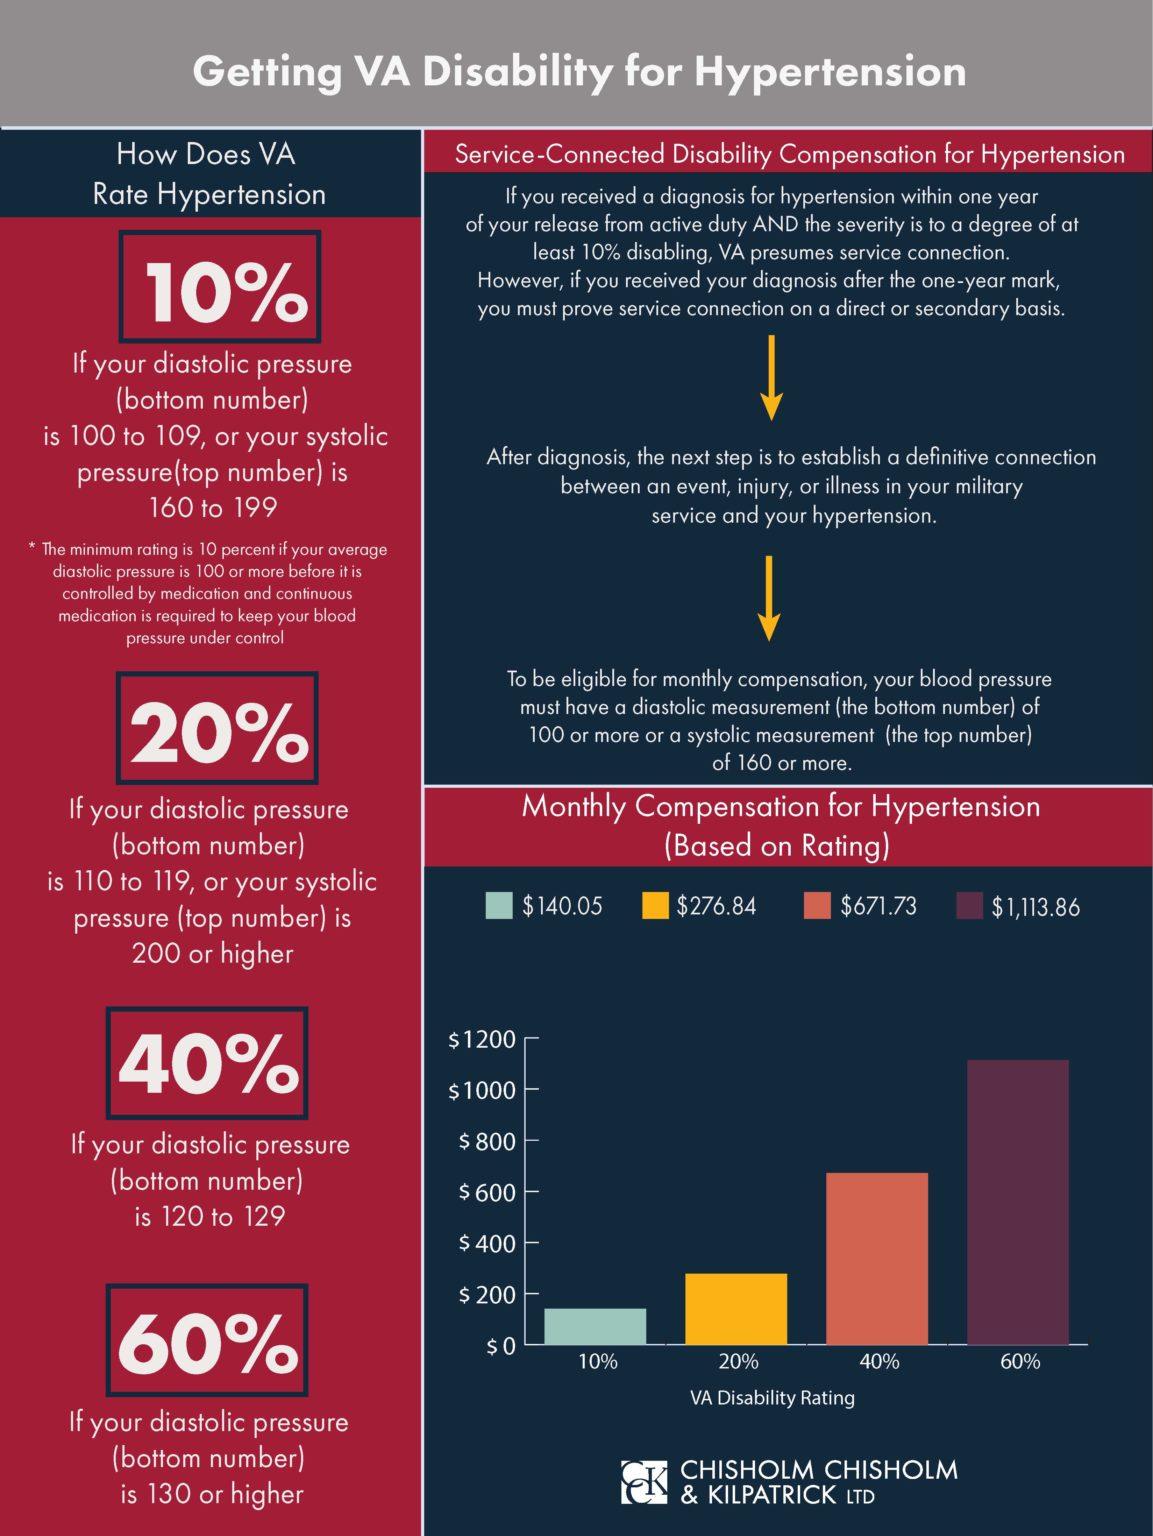 va disability for hypertension infographic